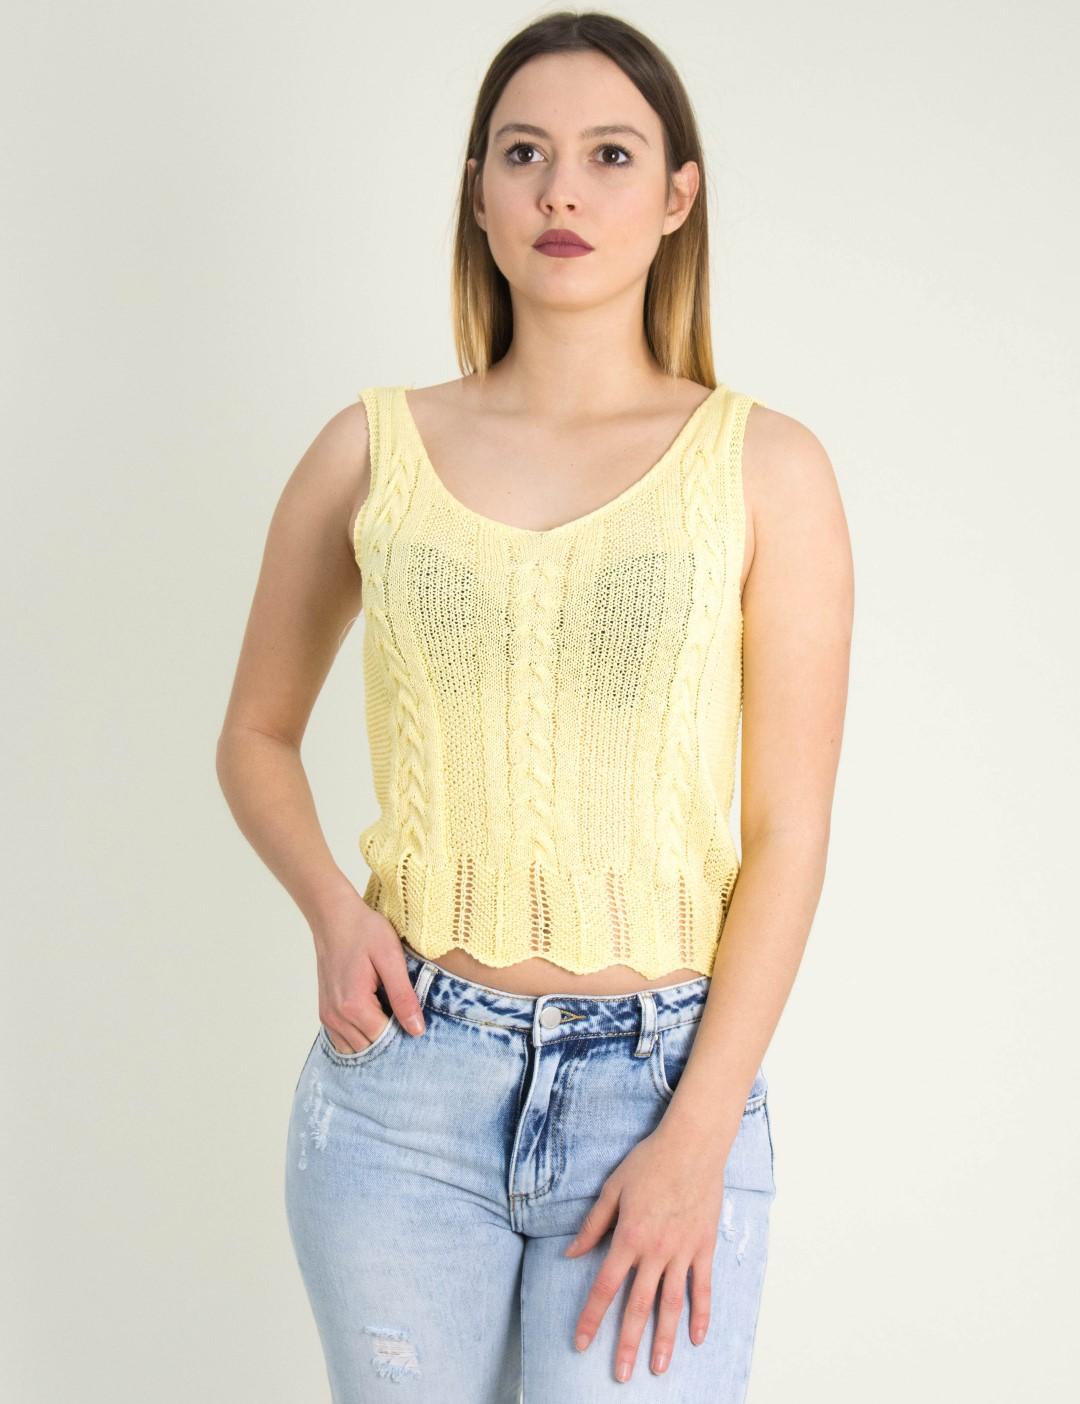 b50115ca4e08 Γυναικείο κίτρινο τοπ πλεκτό με ράντες 2081U